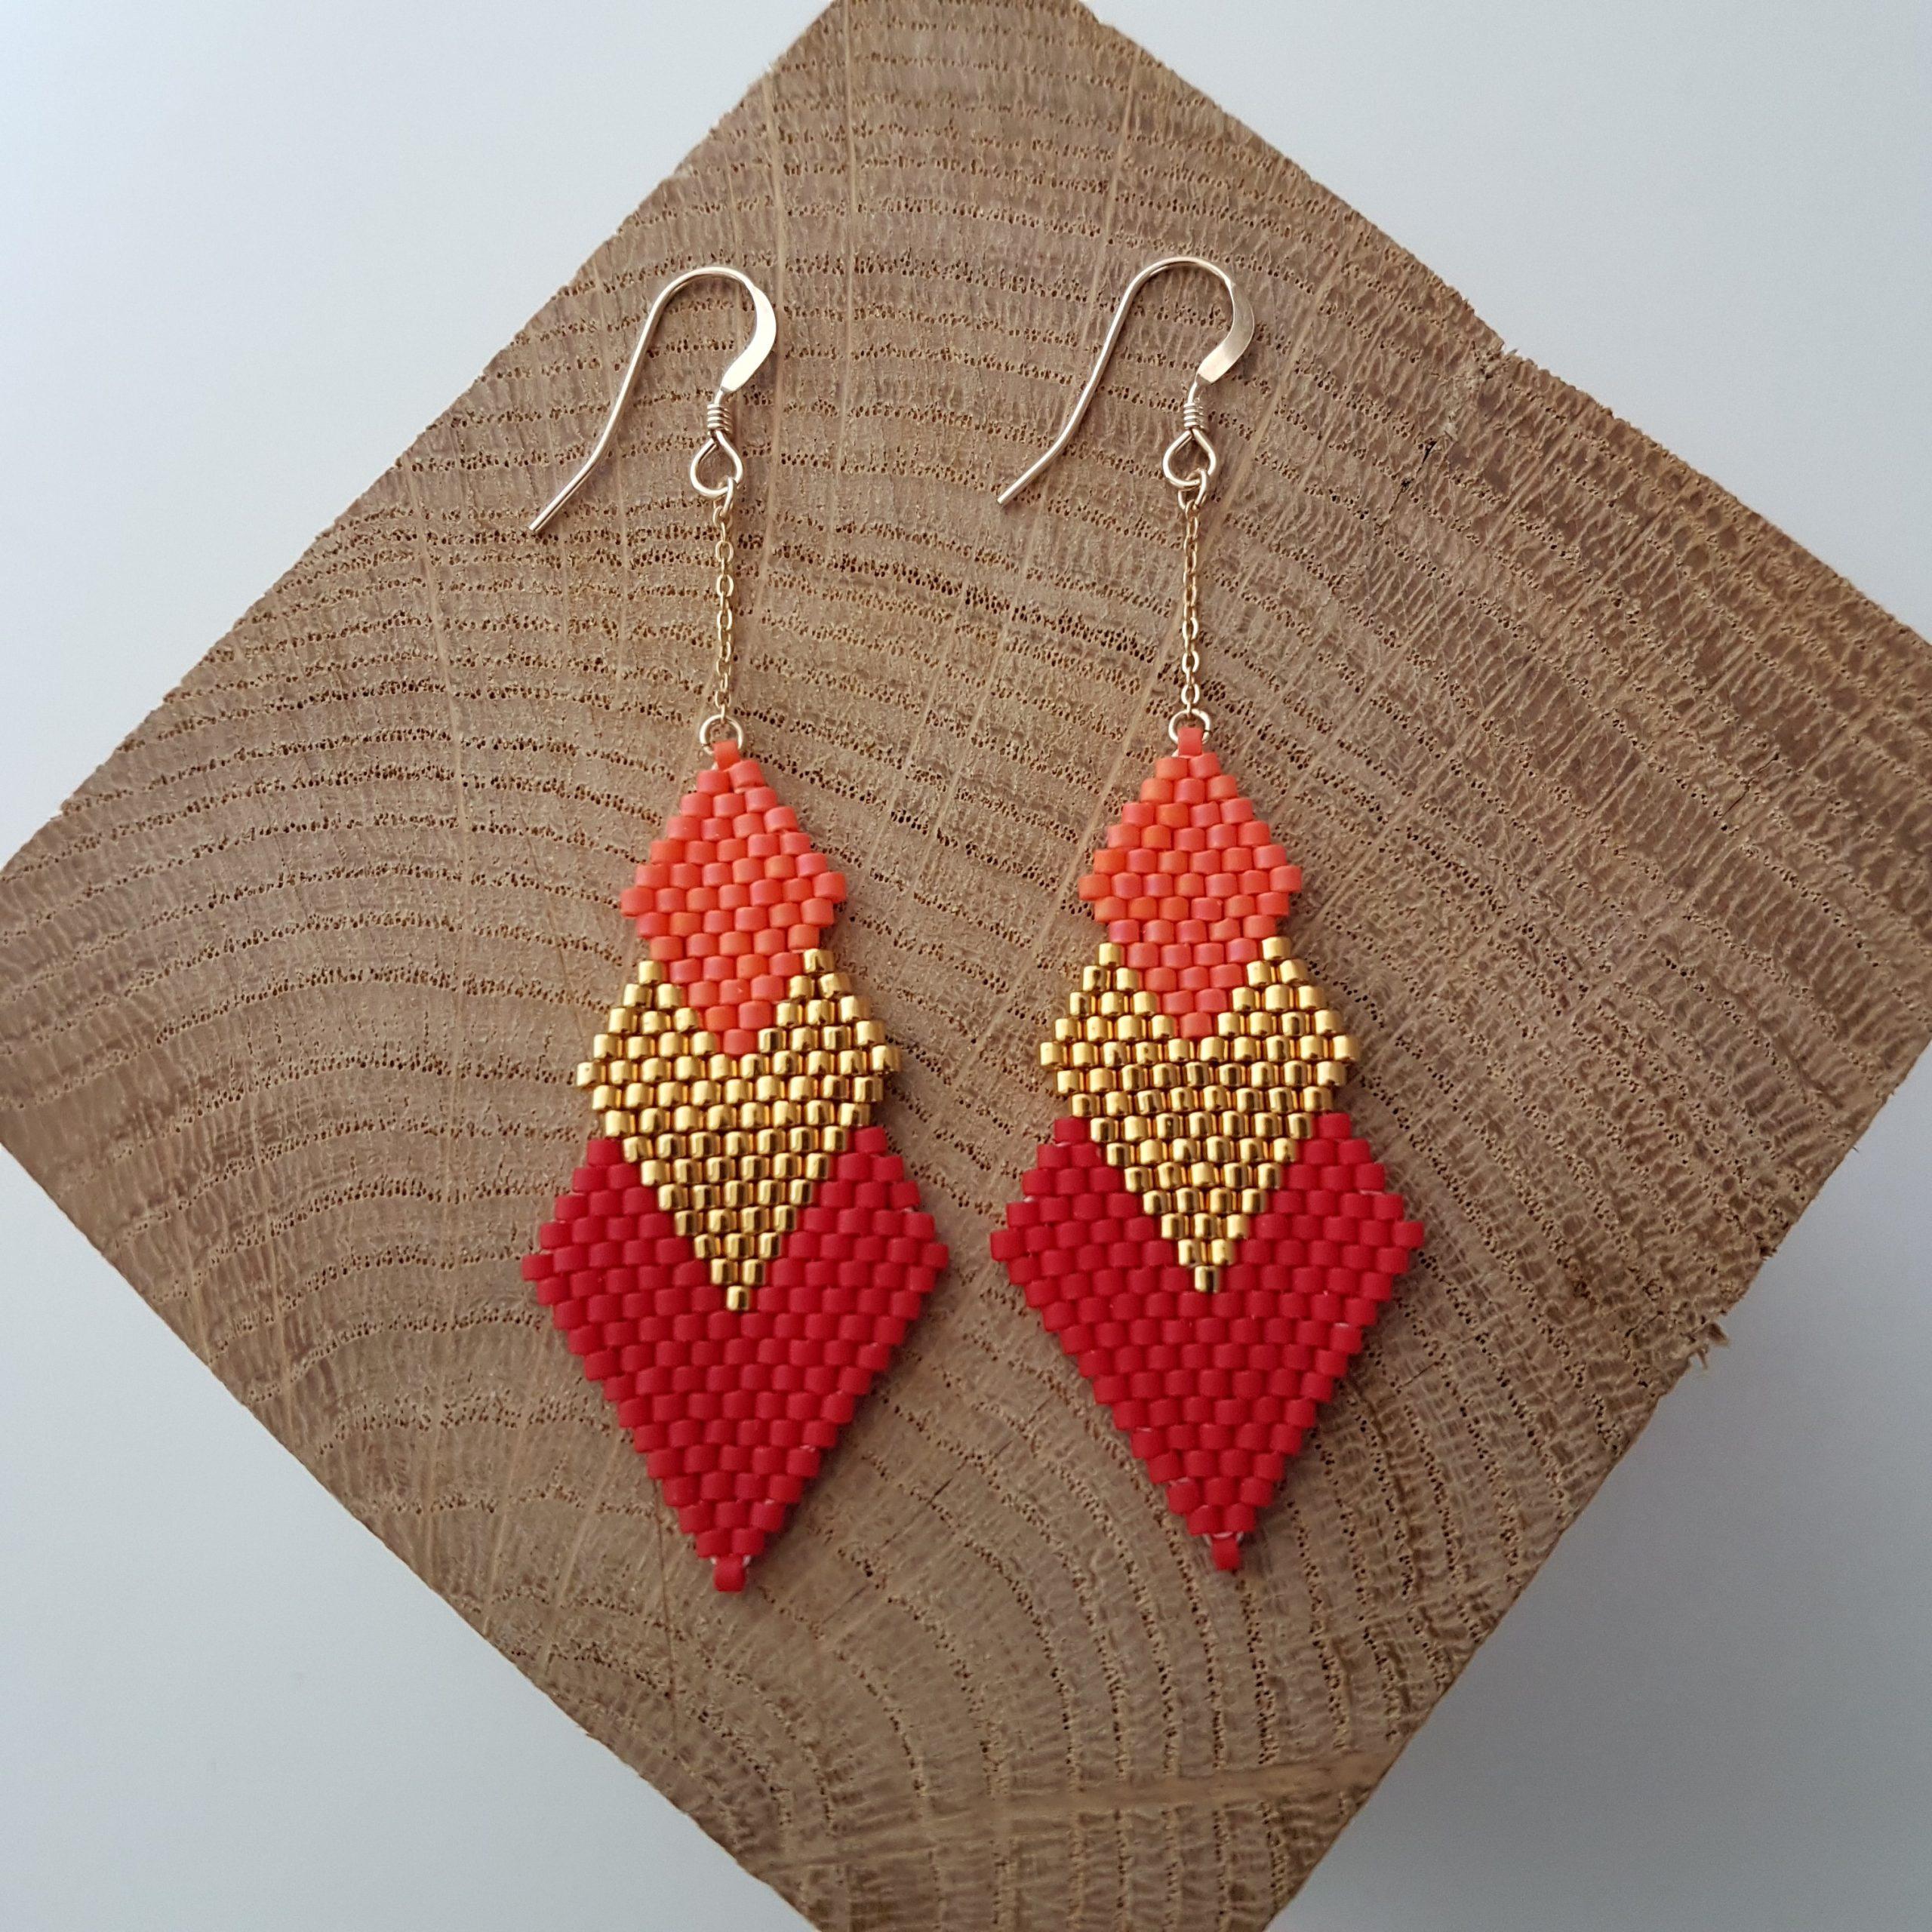 Cadeau Bijou artisanal lyon Boucles d'oreilles Pénélope bicolore corail rouge plaqué or miyuki